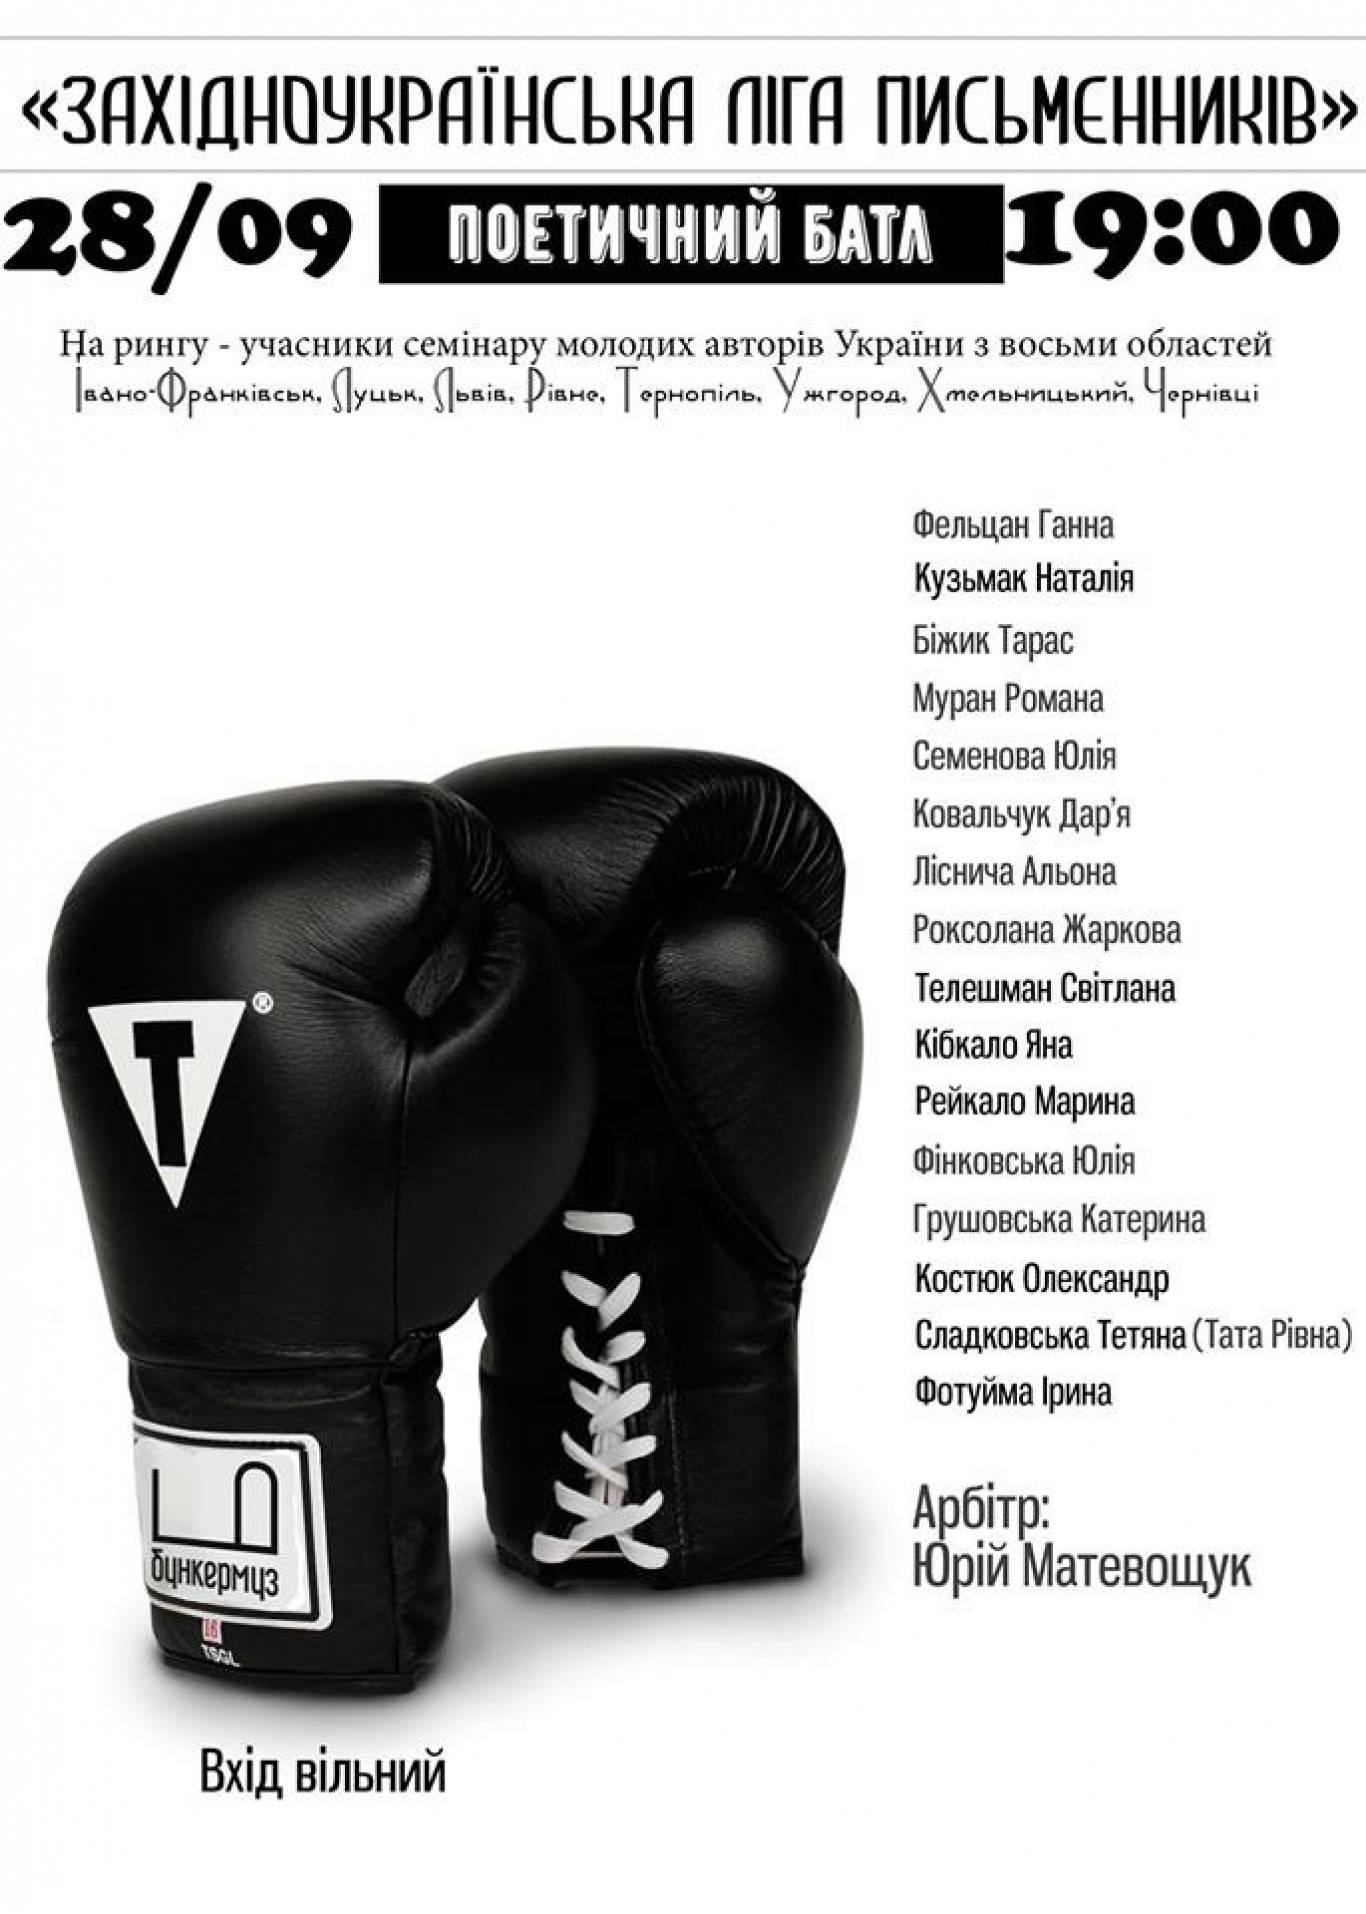 Поетичний бал західноукраїнської ліги у Тернополі